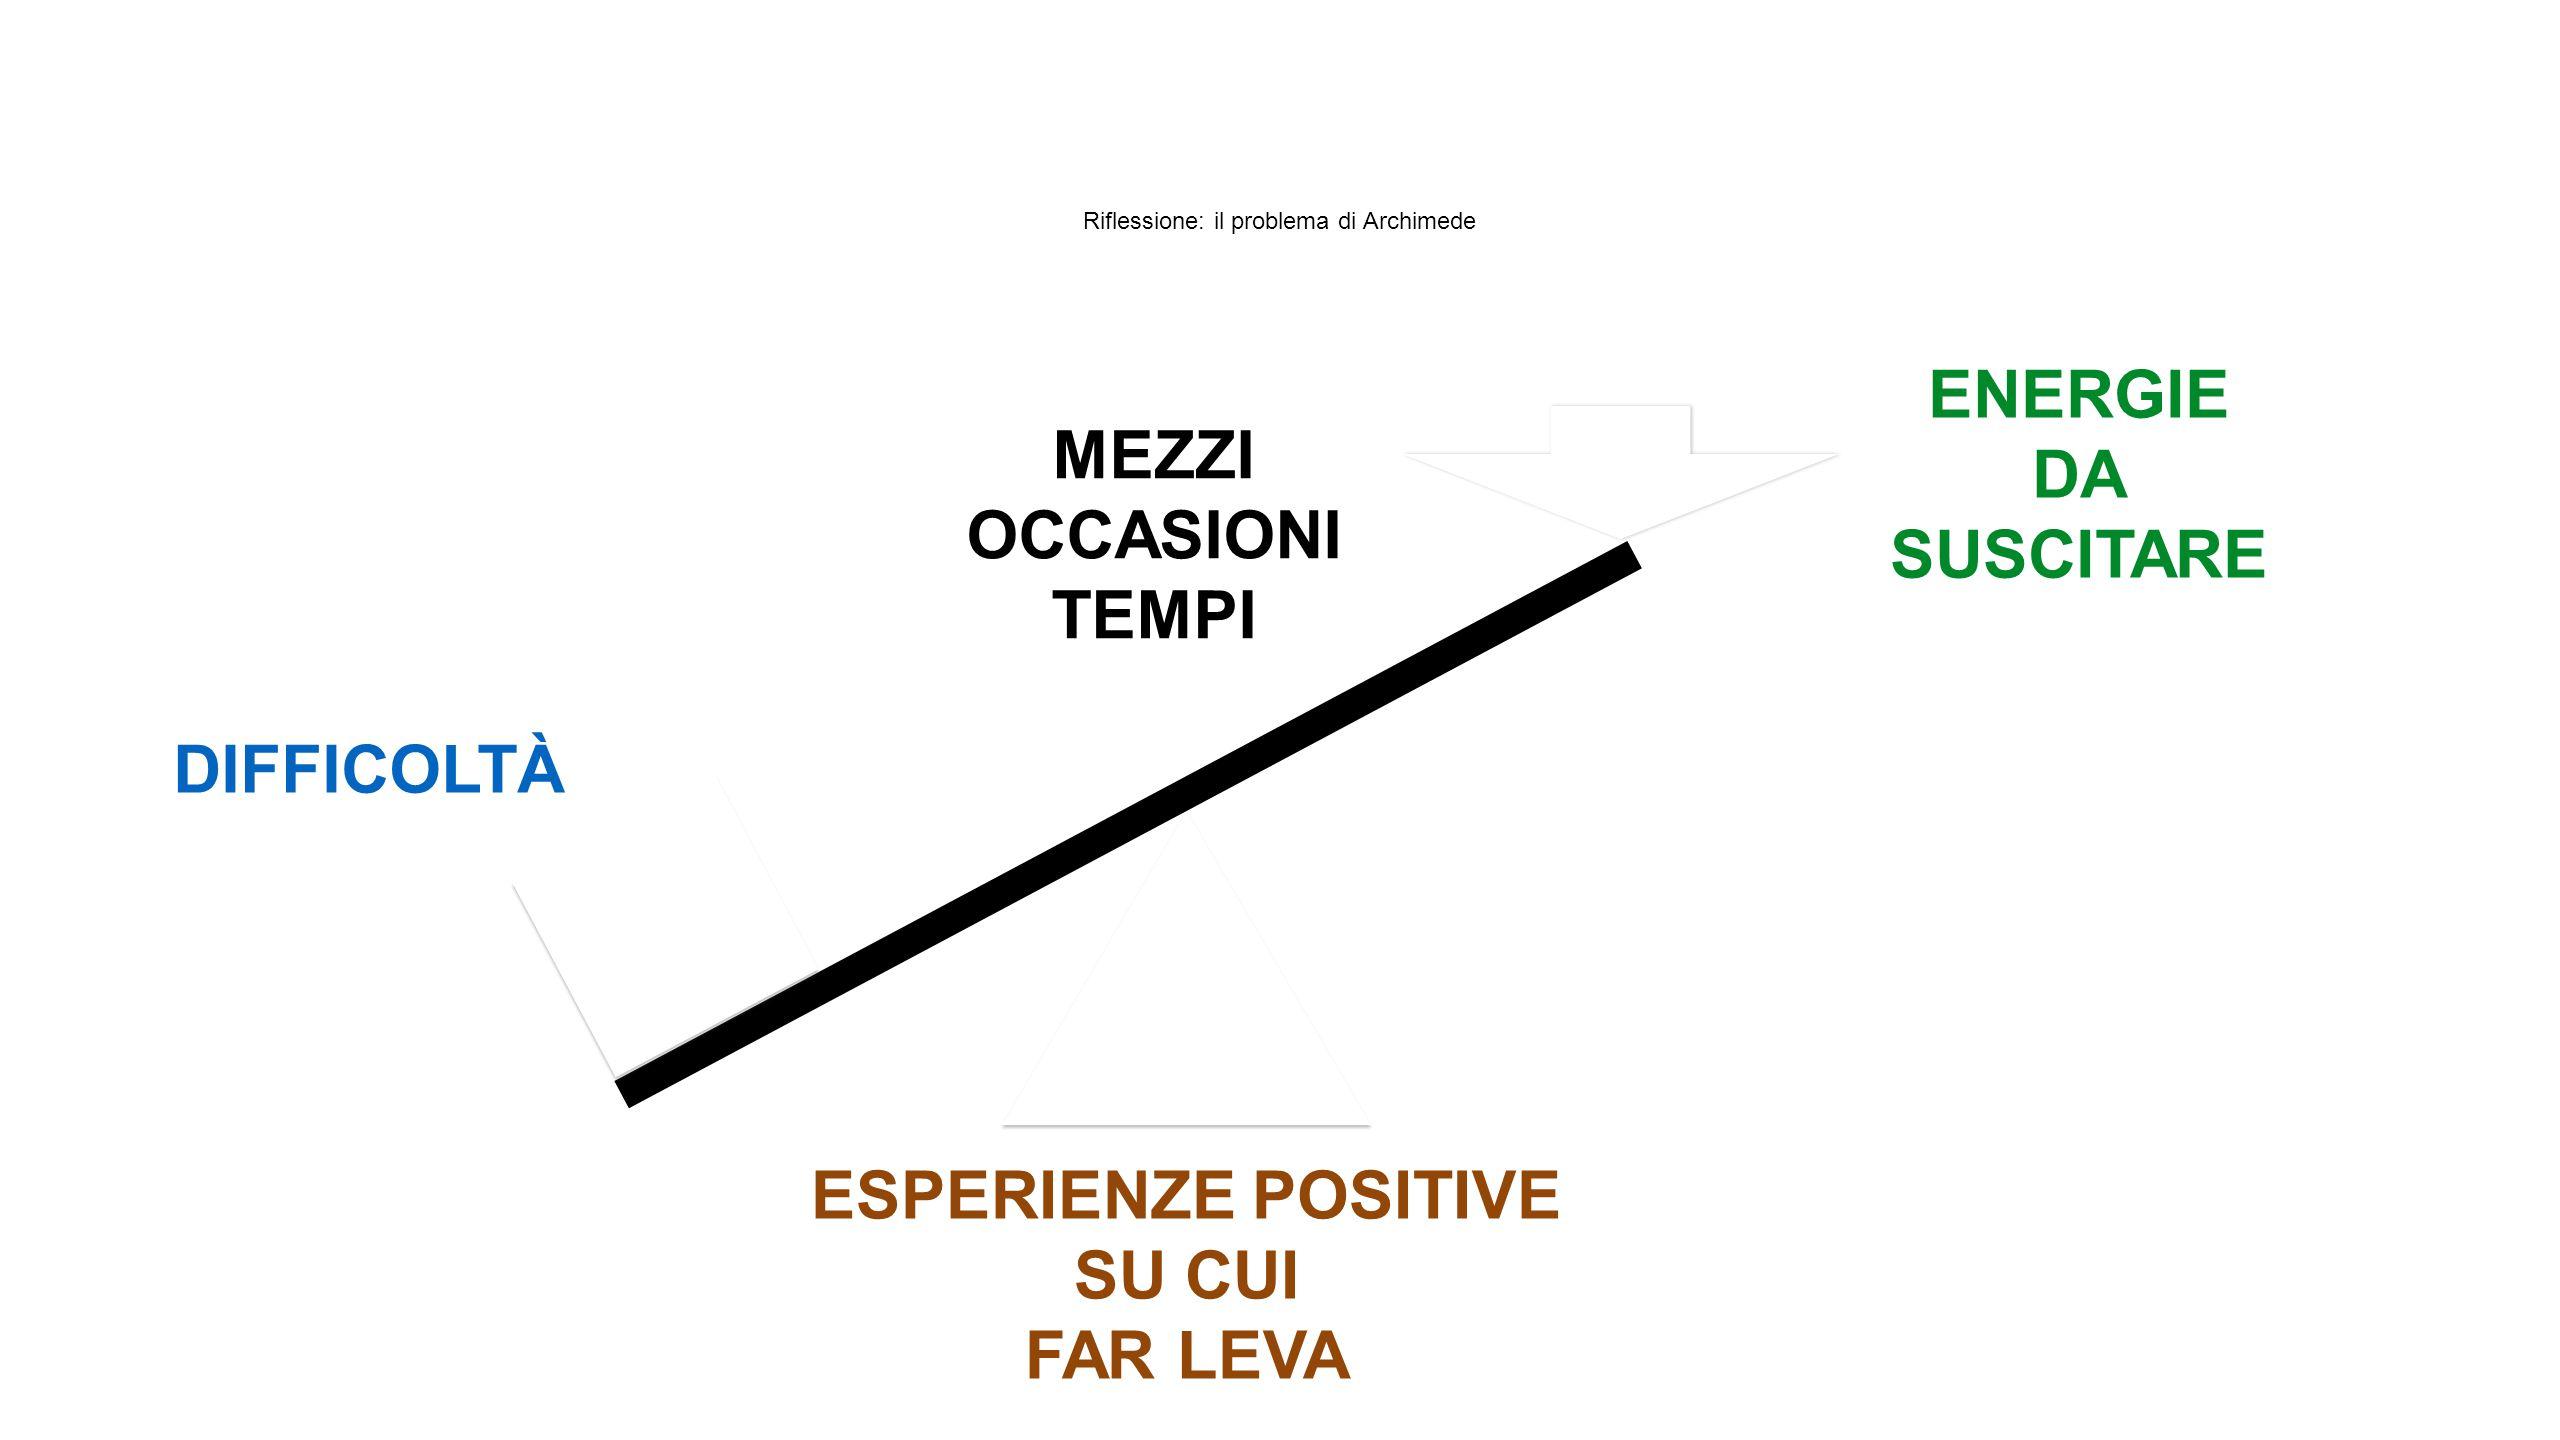 Riflessione: il problema di Archimede DIFFICOLTÀ ESPERIENZE POSITIVE SU CUI FAR LEVA ENERGIE DA SUSCITARE MEZZI OCCASIONI TEMPI